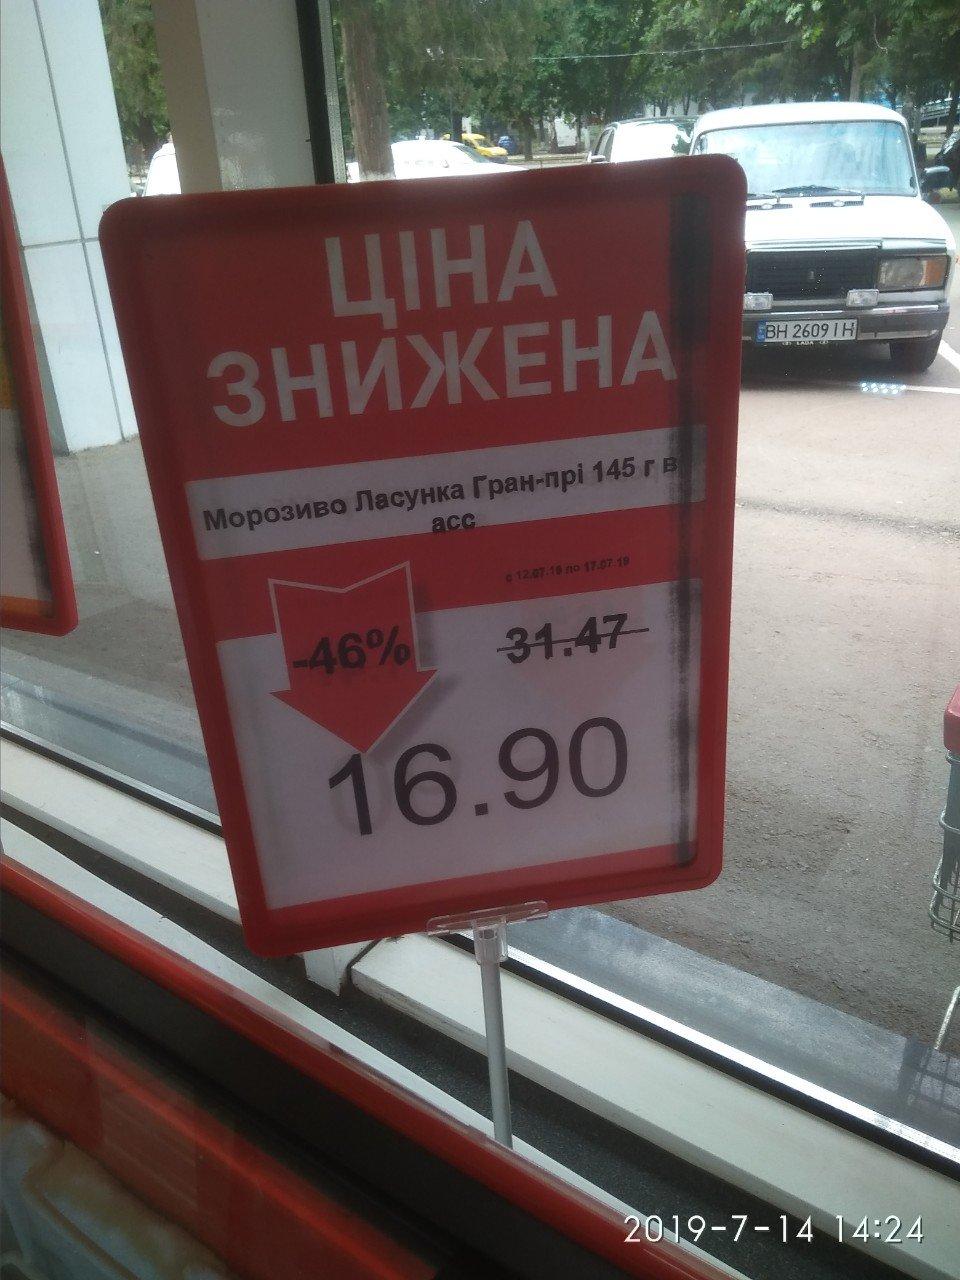 Таврия В - Цены не совпадають какой-то обман